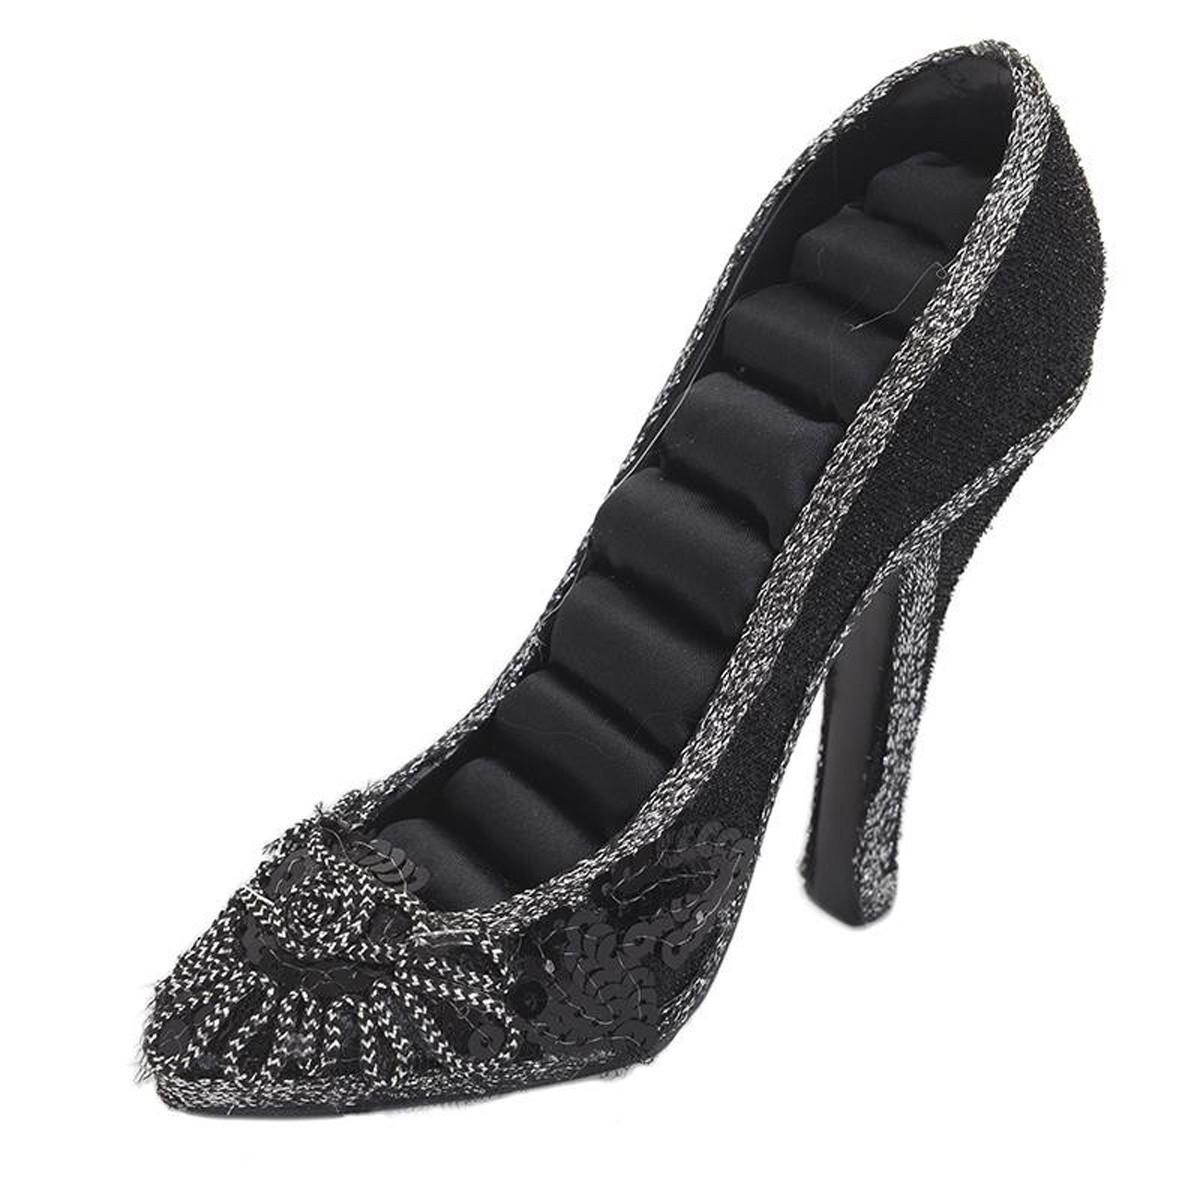 Θήκη Δαχτυλιδιών InArt Gia Shoe 3-70-228-0272 56016